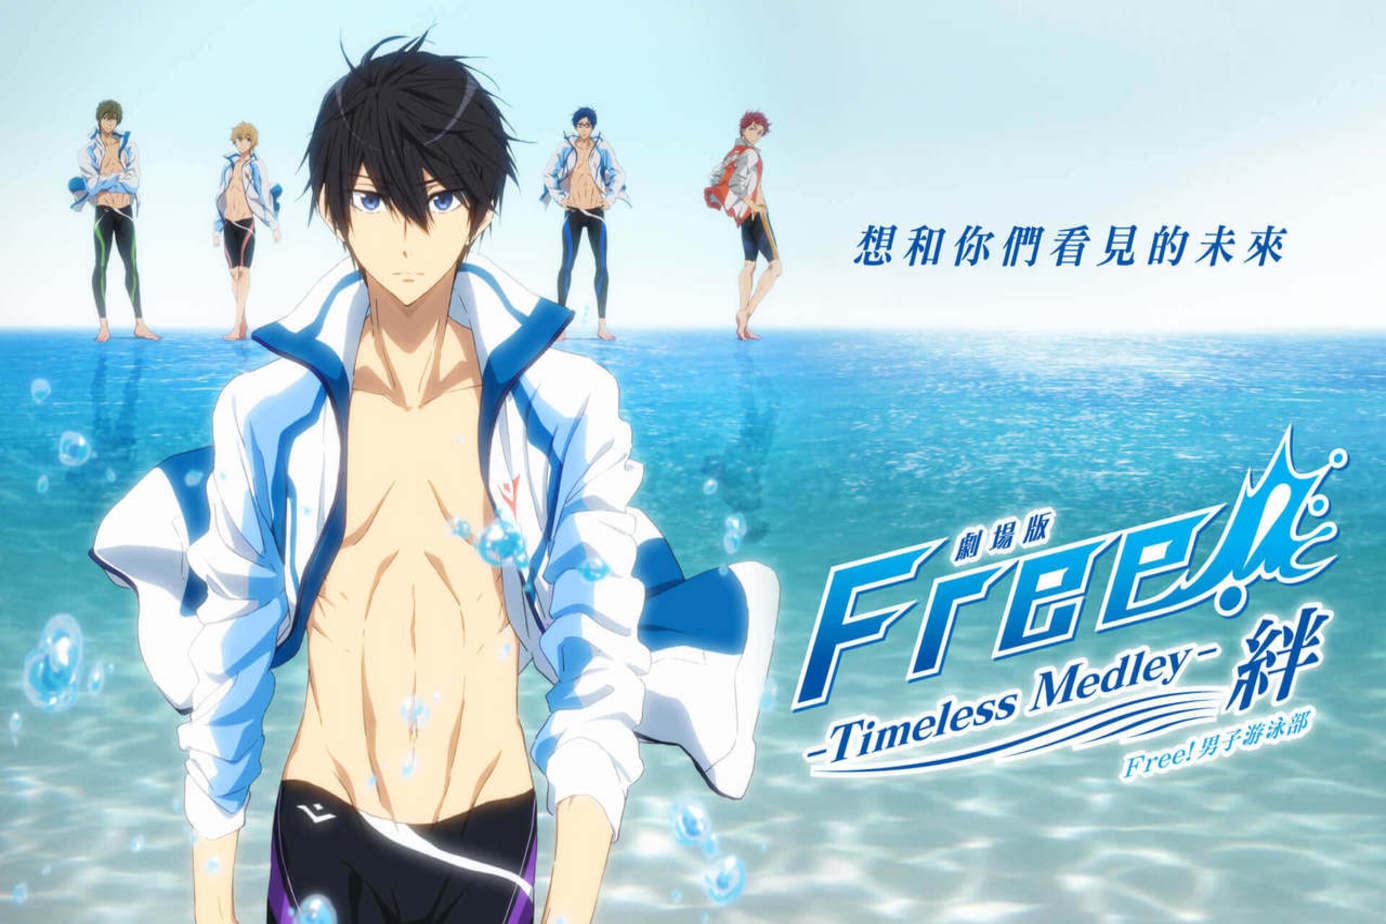 劇場版 Free!男子游泳部 Timeless Medley- 絆